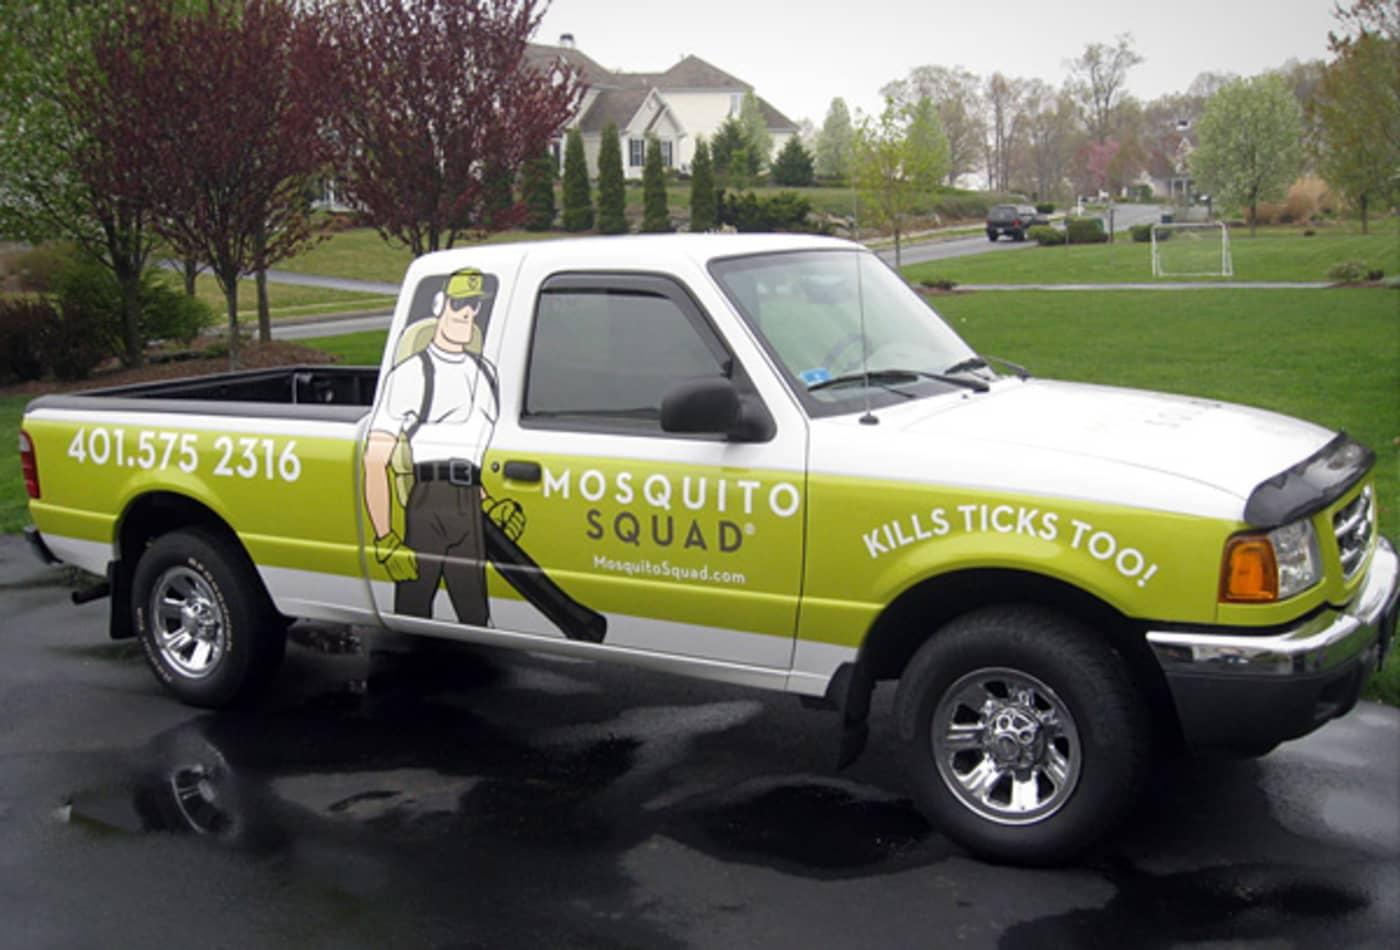 unusual-franchises-mosquitosquad.jpg